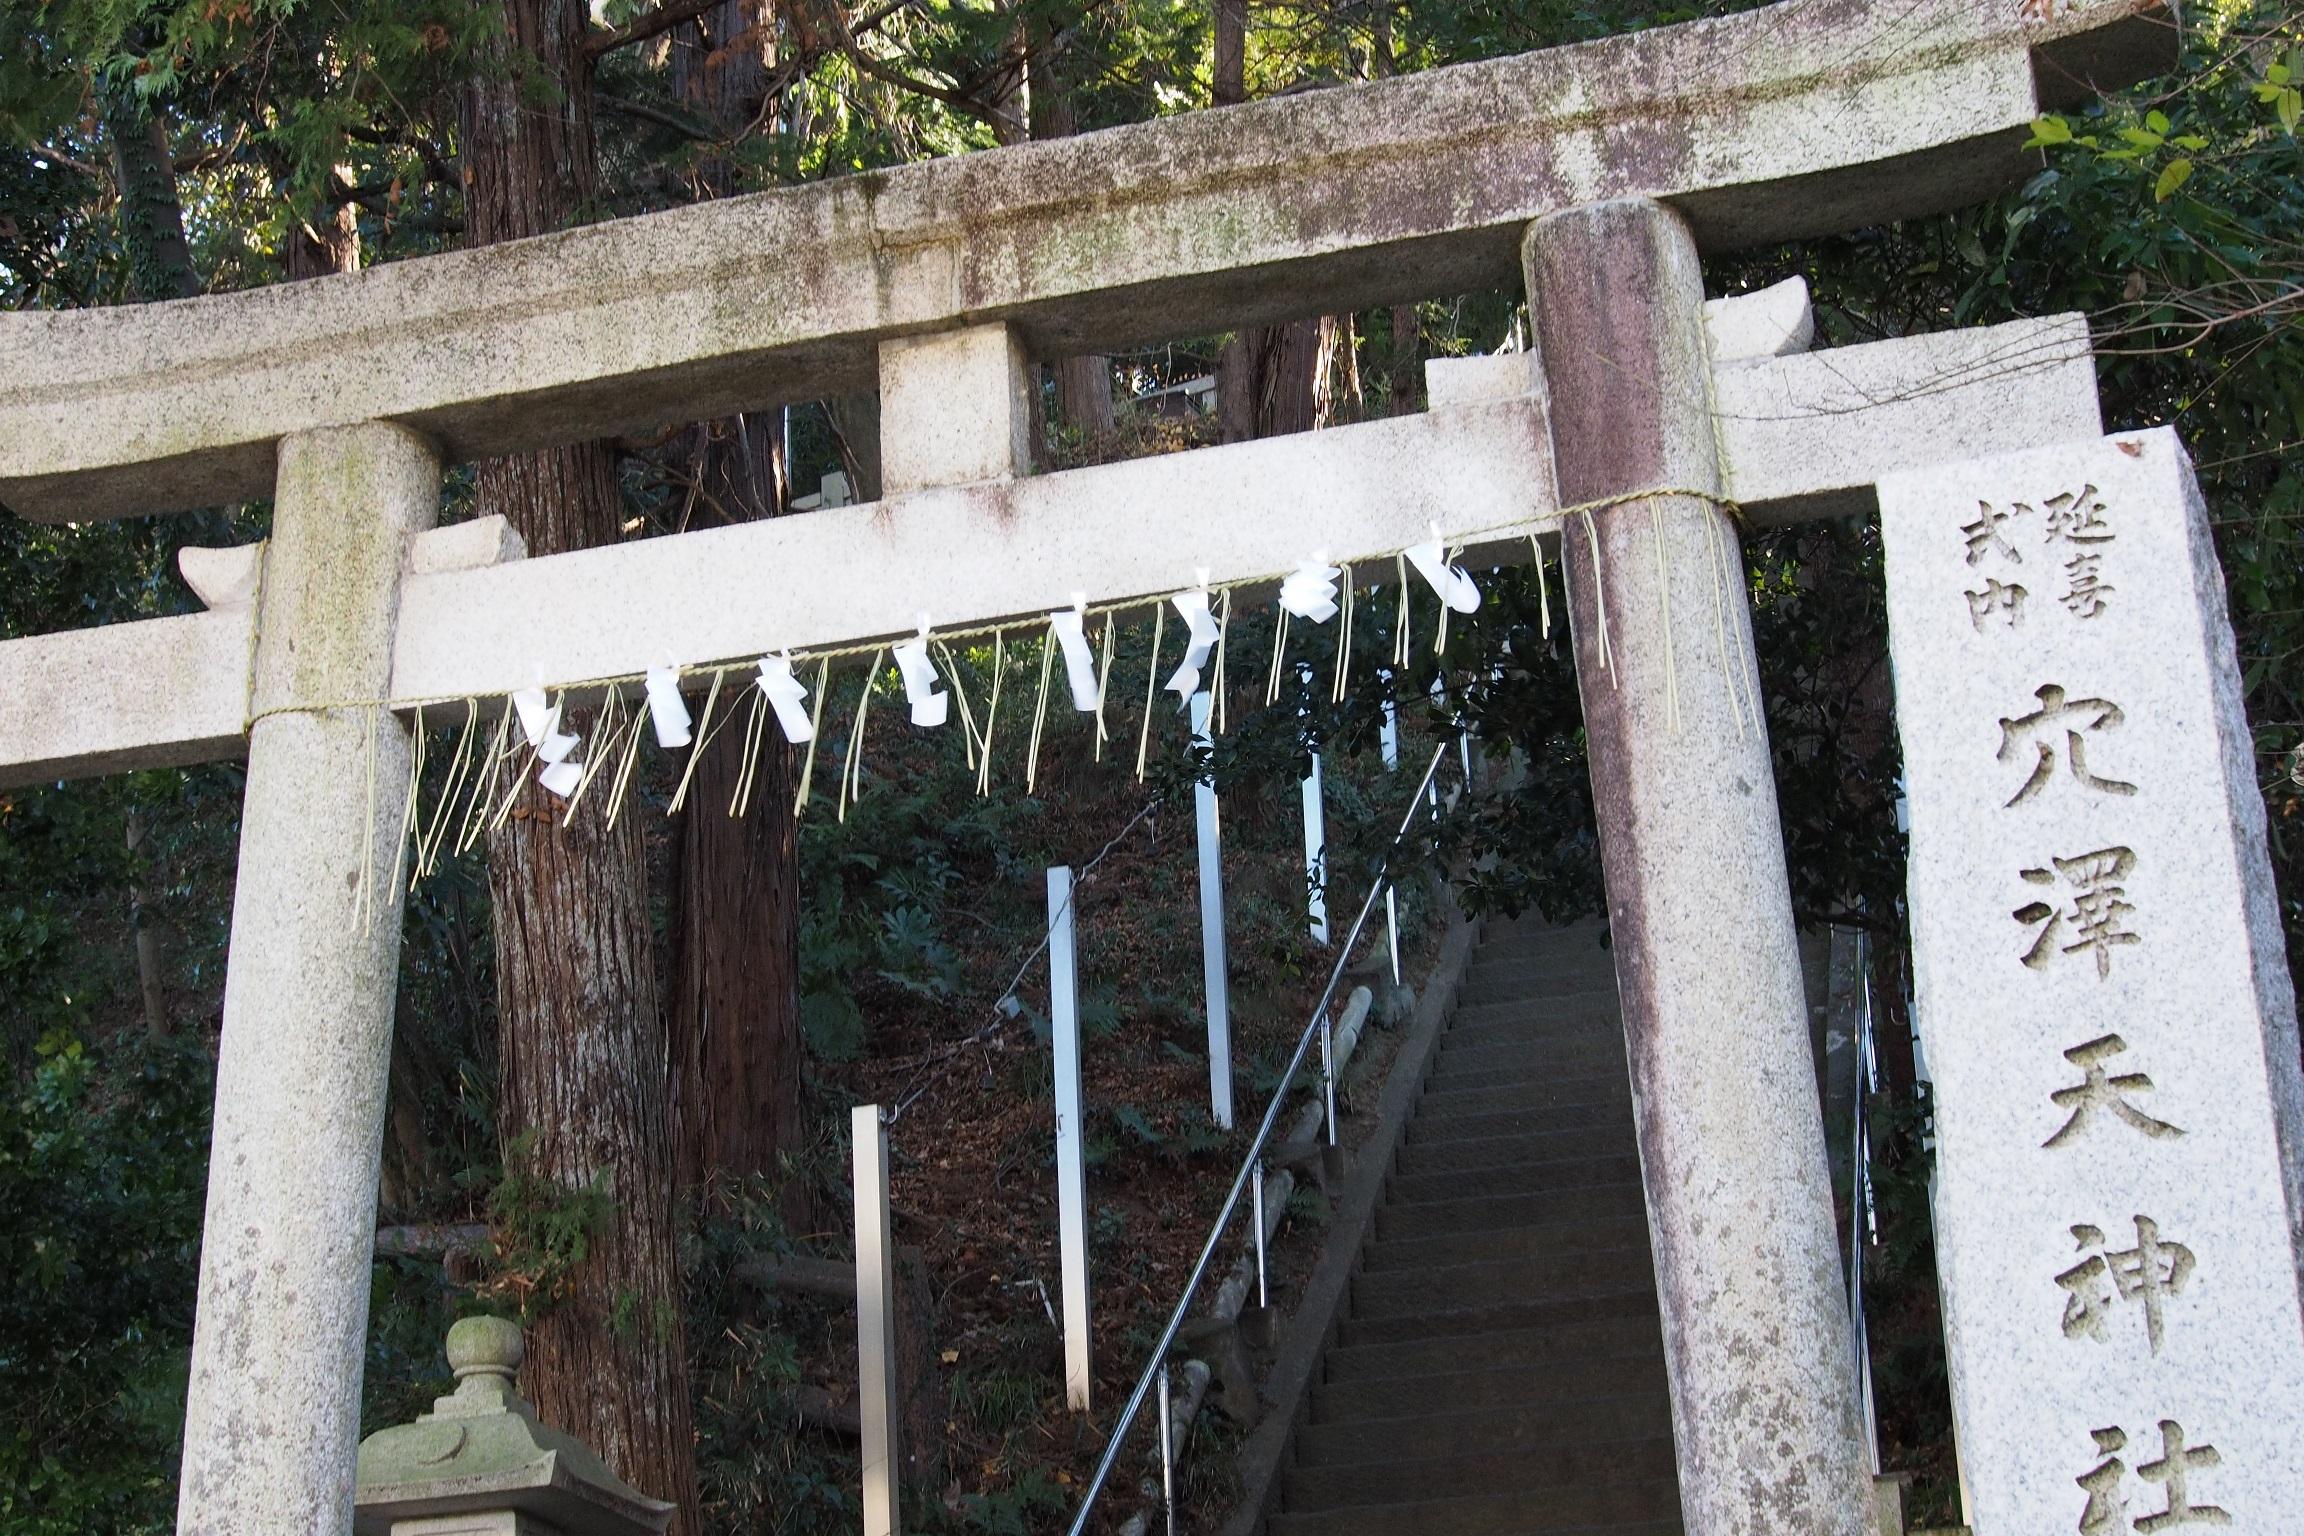 穴澤天神社へ初詣に行ってきた